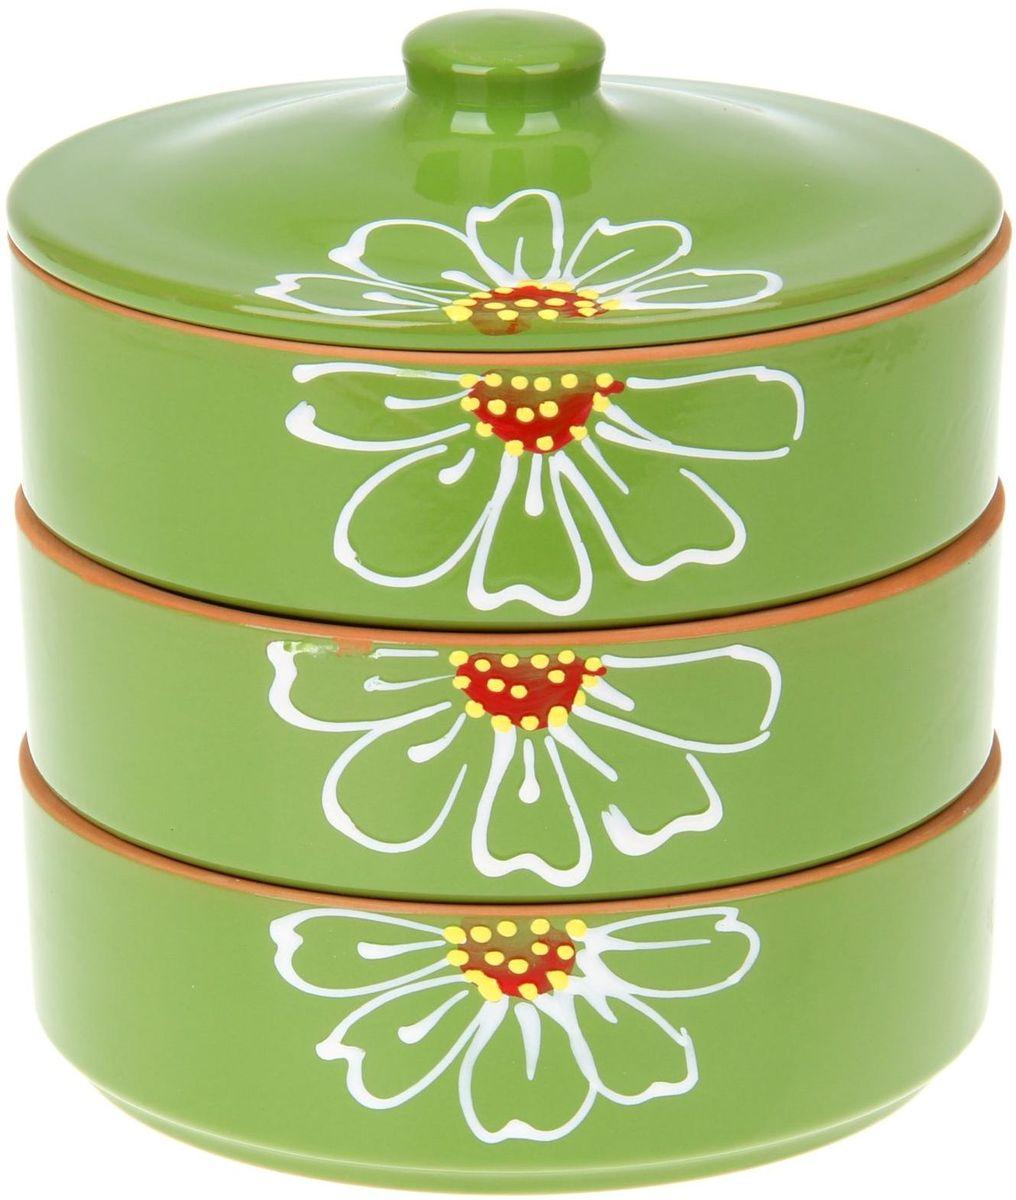 Набор блюд для холодца Псковский гончар Цветок, цвет: зеленый, 4 предмета27320Набор для холодца Цветок 3 шт. (d=17,5 см, h=5,7 см) зелёный 0,7 л будет вашим универсальным помощником! Он удобен не только для хранения холодца, но и для салатов, а также различных закусок. Набор предотвращает заветривание и сохраняет привлекательный внешний вид блюда. Вы сможете готовить непосредственно в нём: специальная керамика подходит для использования в микроволновой печи, в духовом шкафу, русской печи или на гриле.Утолщённые стенки дольше сохраняют тепло, поэтому можно не волноваться, что блюдо быстро остынет. Благодаря специальной конструкции предметы из набора можно устойчиво размещать друг на друге, что значительно сэкономит место в шкафу или холодильнике.Приятная расцветка и аккуратный рисунок будут радовать глаз при каждом использовании. Благодаря структуре глины любое блюдо, приготовленное при помощи посуды от «Псковского гончара», будет максимально вкусным и сохранит все свои полезные качества.